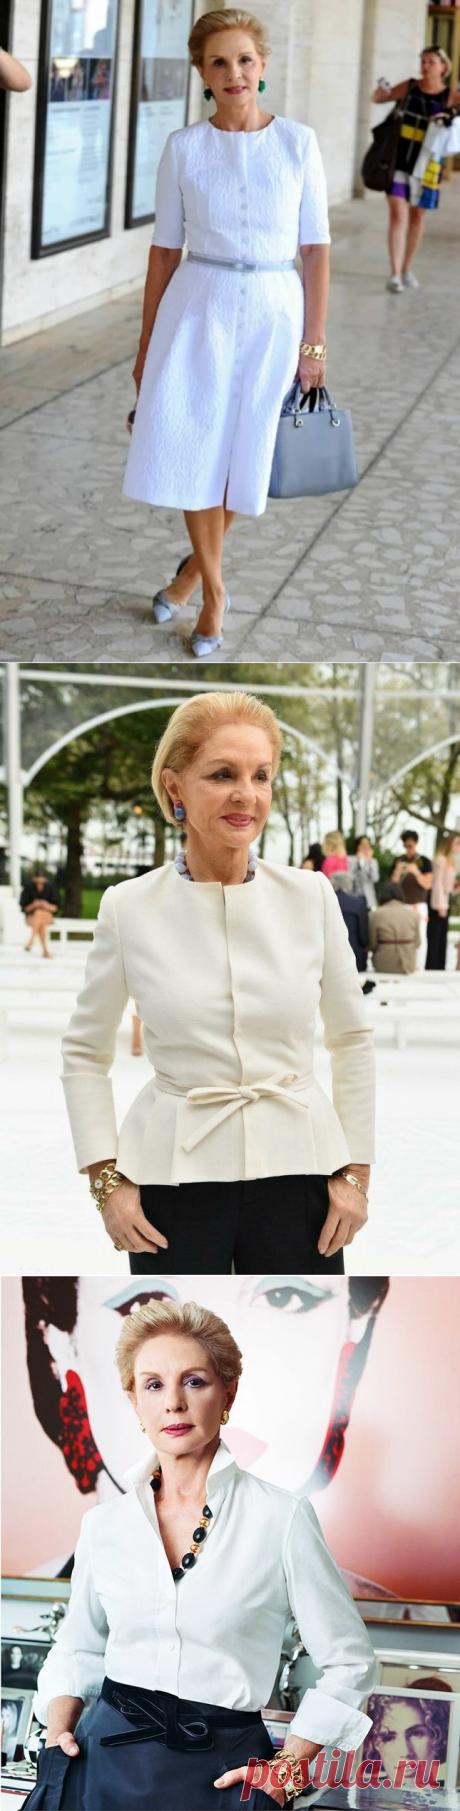 Каролина Эррэра и образы элегантной дамы 60+, вот к чему нужно стремиться | Мне 50 | Яндекс Дзен